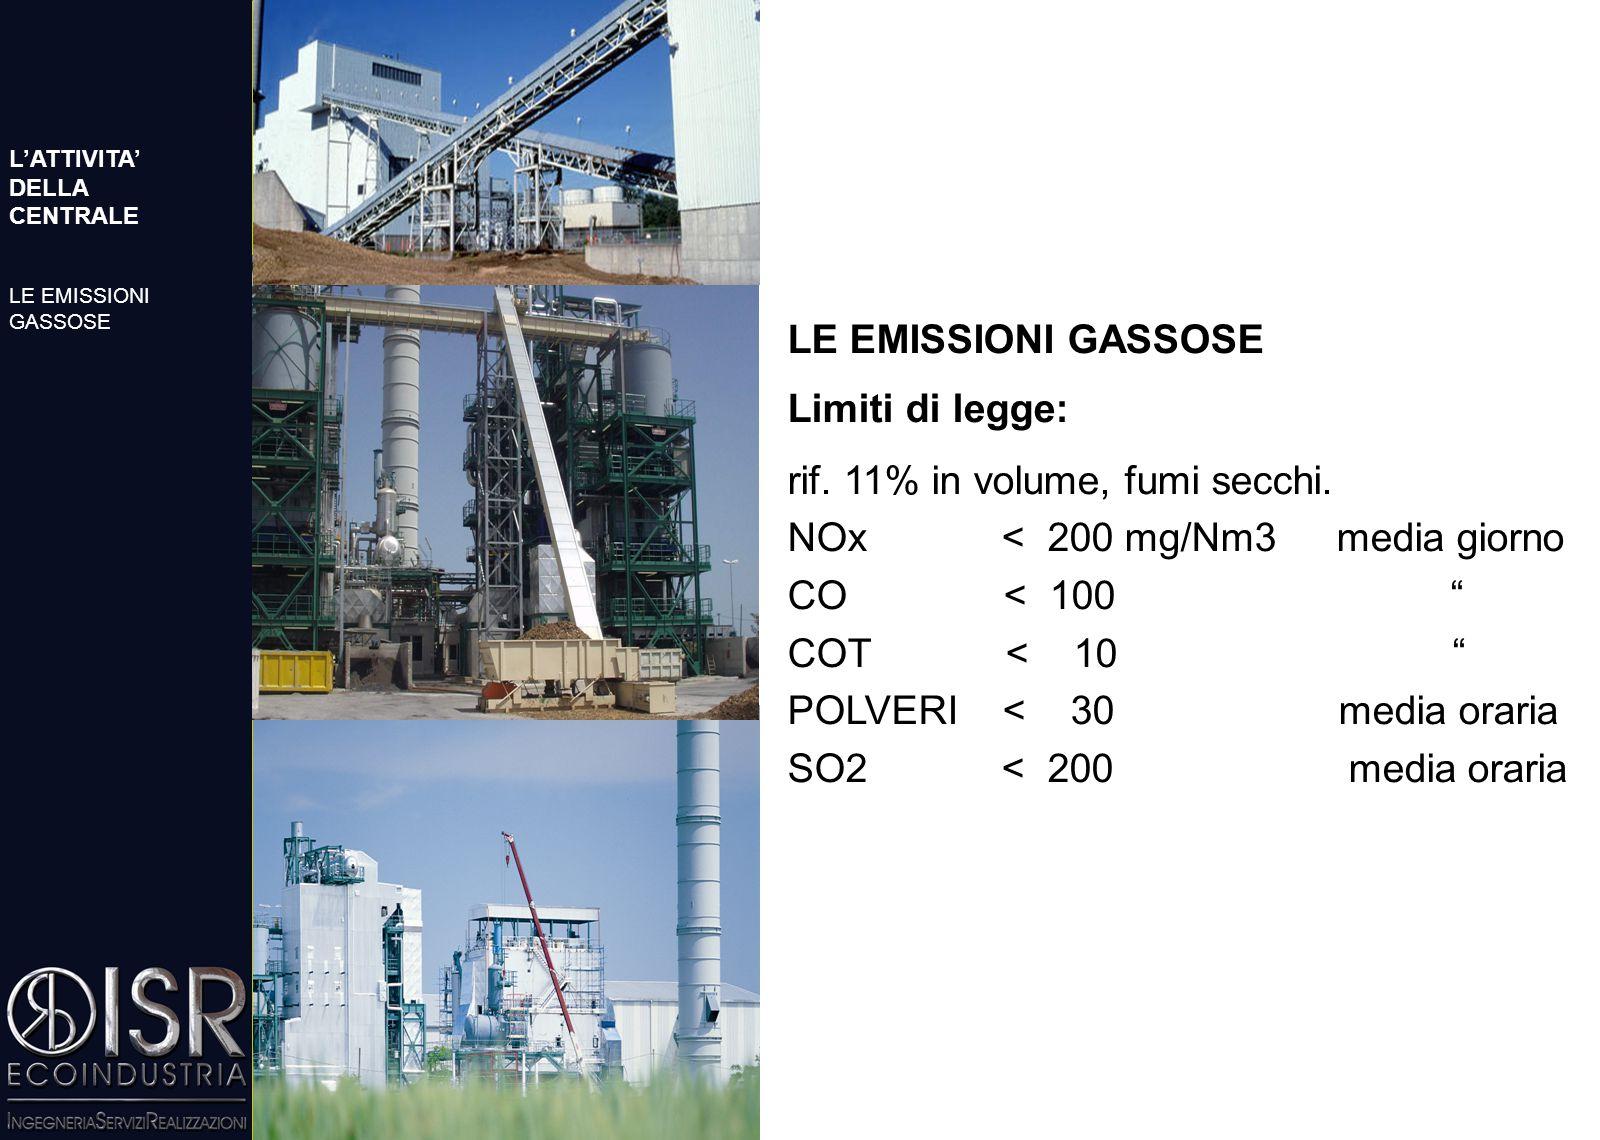 La combustione:ogni biomassa combustibile o miscela di biomasse comporta la scelta del combustore più adatto (griglia mobile a gradini, tavola vibrante, griglia travelling, letto fluido, etc.); sempre da verificare anche con le esperienze esistenti.